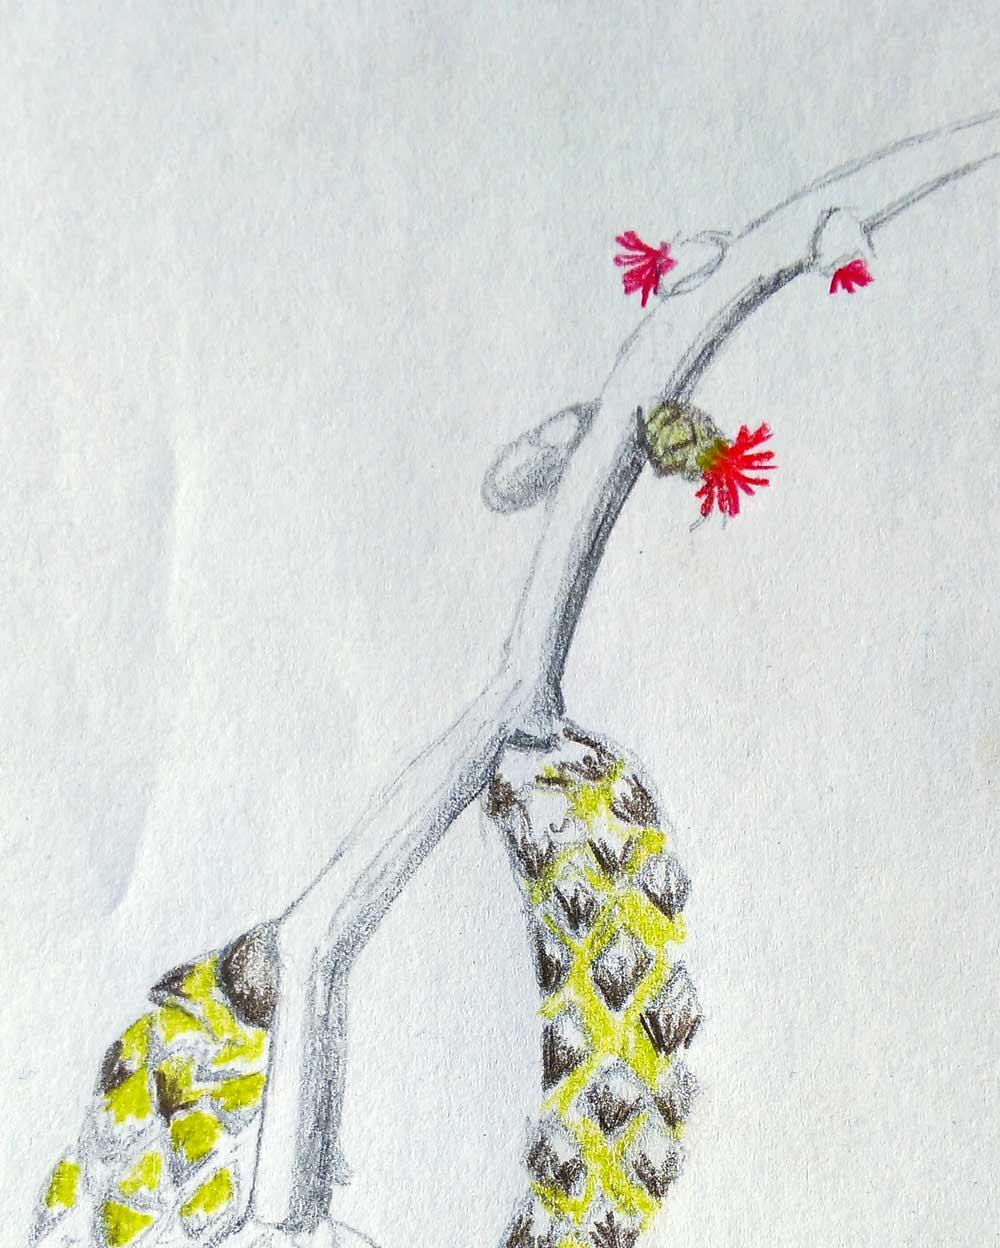 Tekening van Corylus avellana met vrouwelijke bloemen.